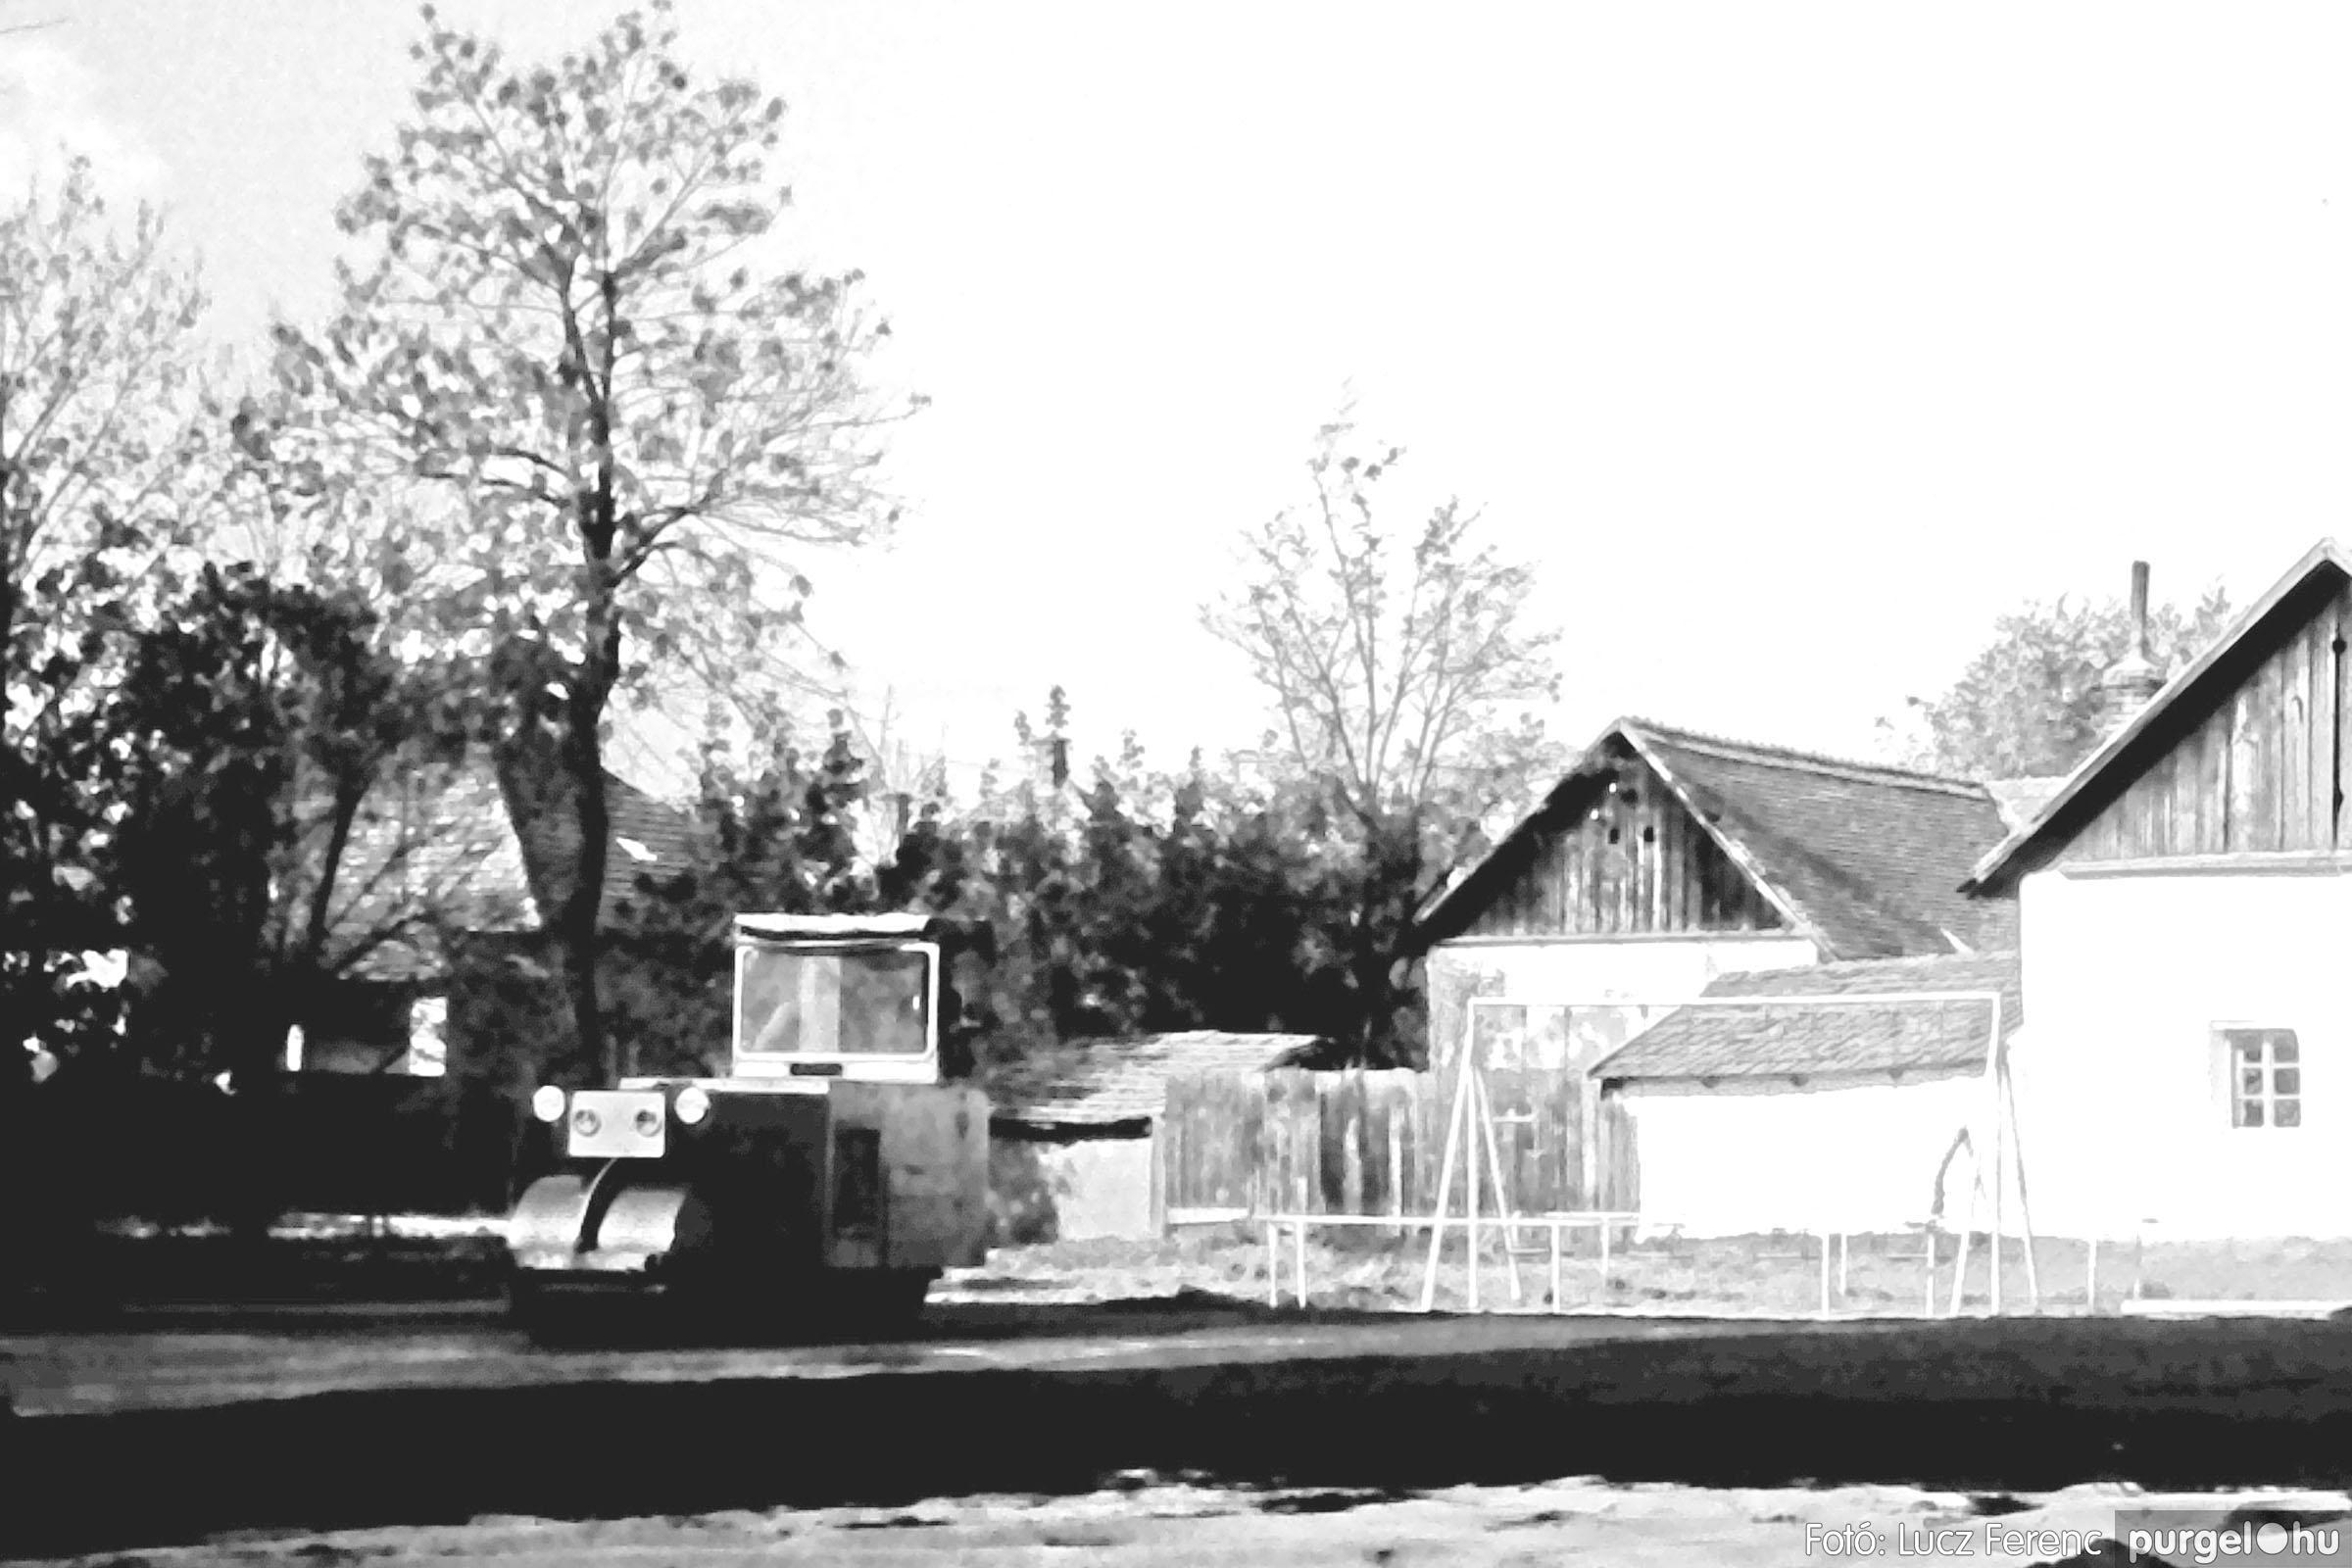 121. 1978. Aszfaltozás a külső iskolában 003. - Fotó: Lucz Ferenc.jpg